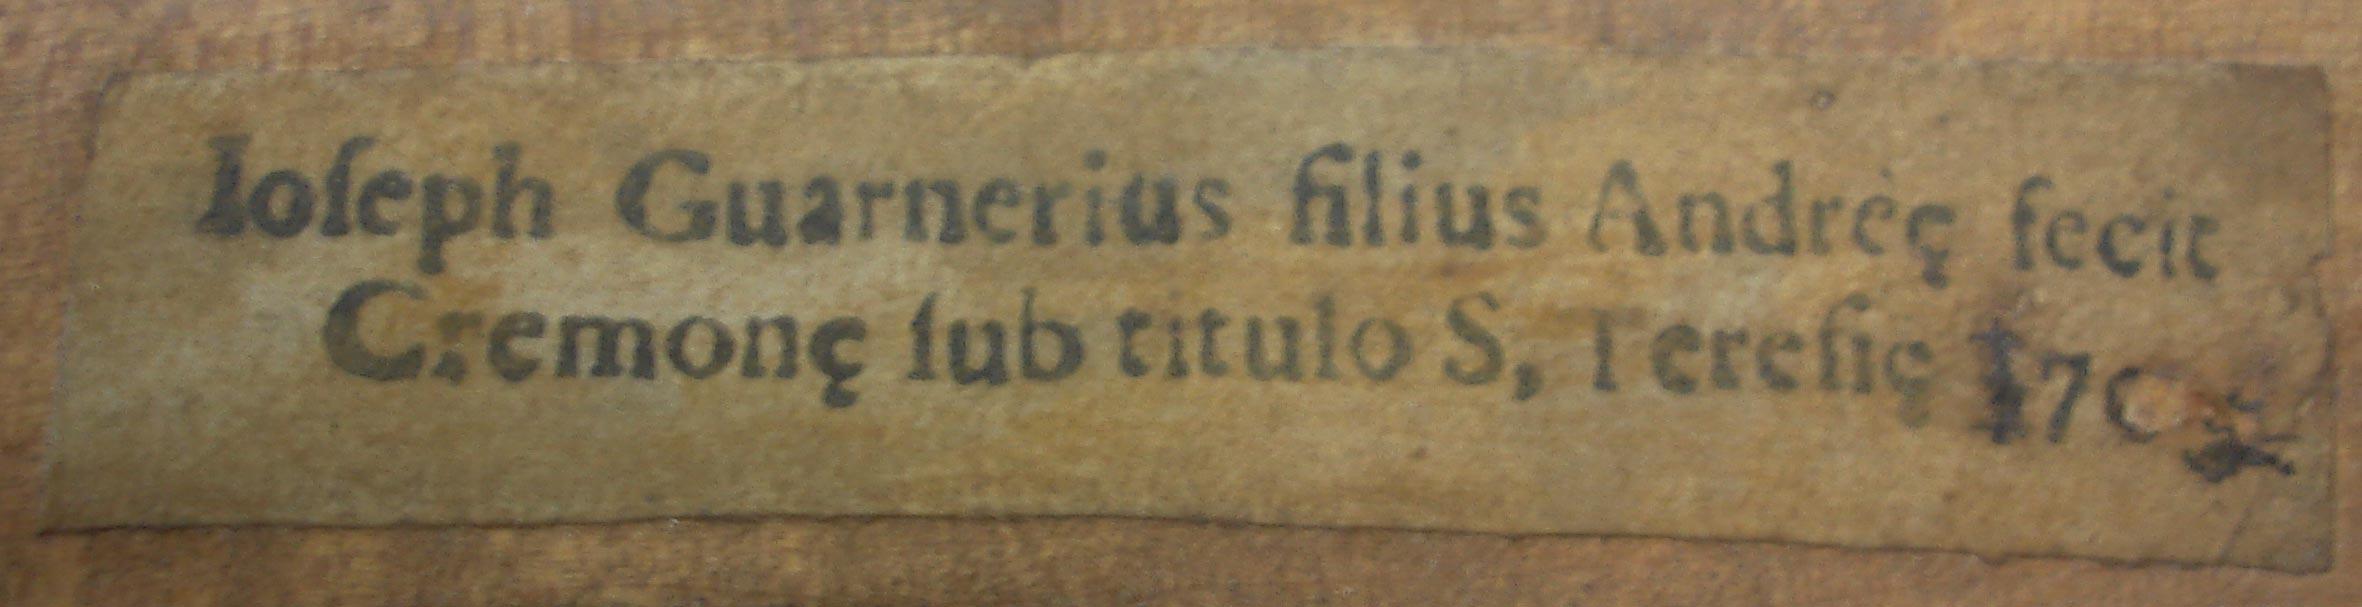 Étiquette de Joseph Guarnerius filius Andrea fecit Cremonae Sub titulo S. Teresia 170…